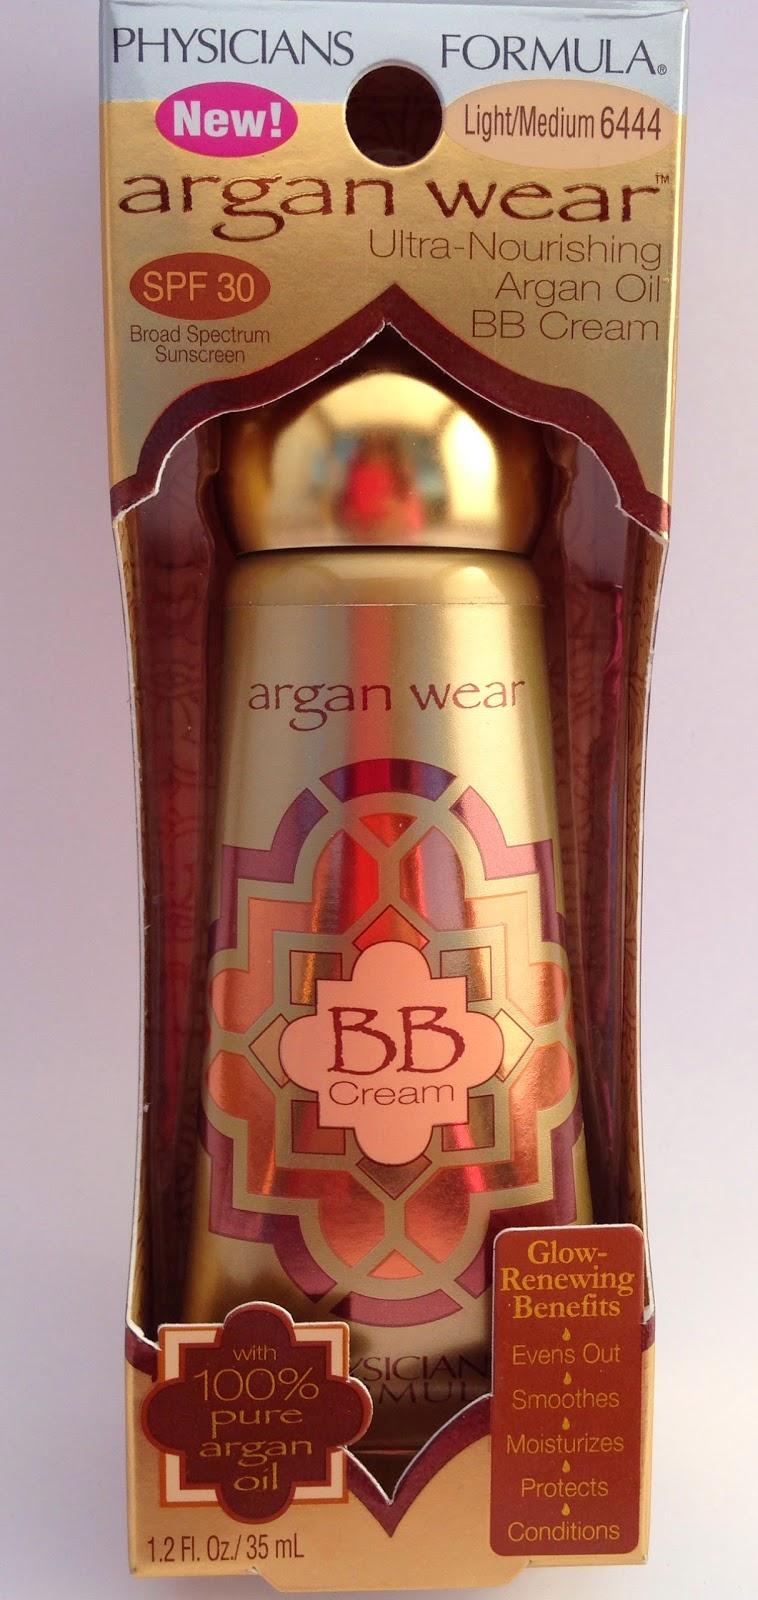 Physicians Formula Argan Wear BB Cream